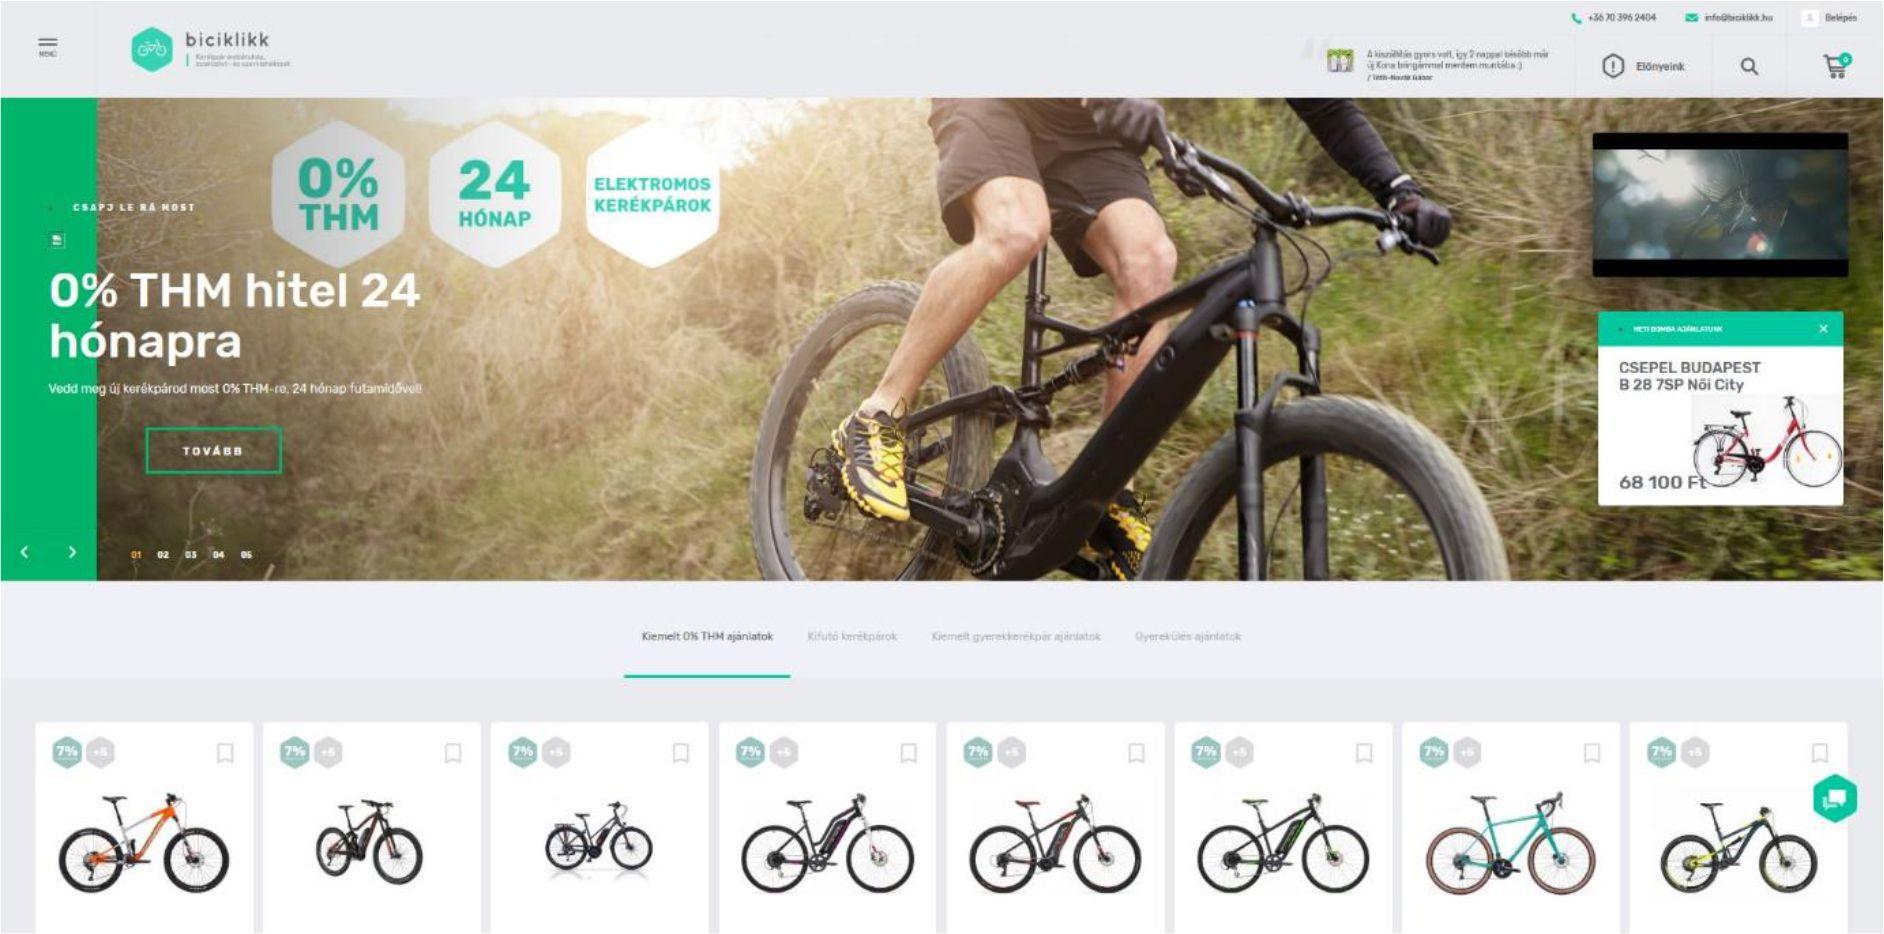 Biciklikk Forrás: Biciklikk